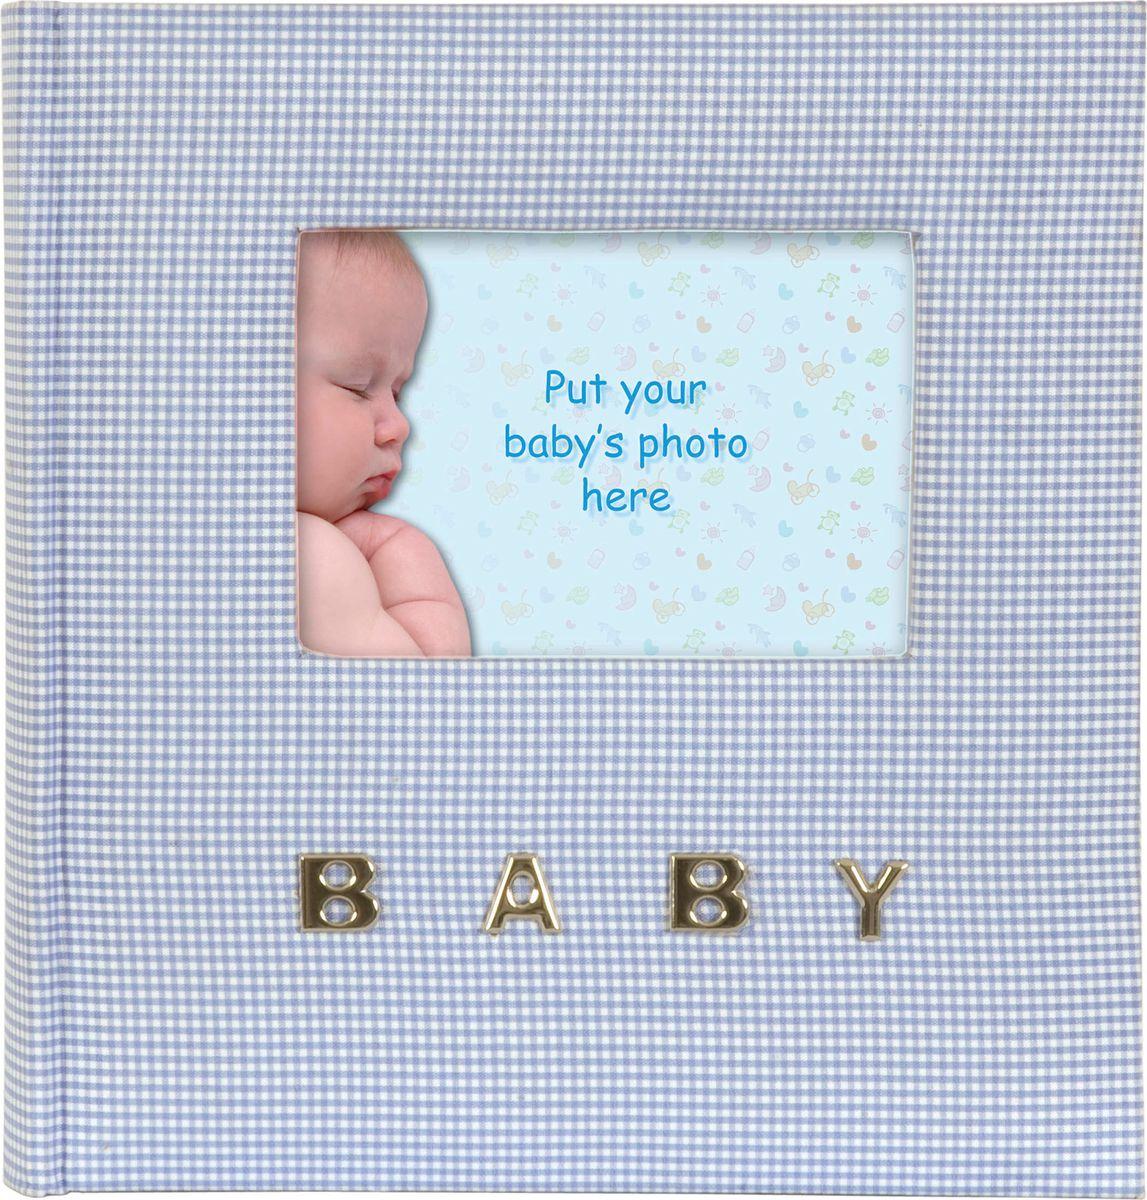 Фотоальбом Innova Baby Gingham, цвет: голубой, 100 фотографий, 10 x 15 см. Q9306338 фотоальбом platinum винтаж 2 300 фотографий 10 х 15 см